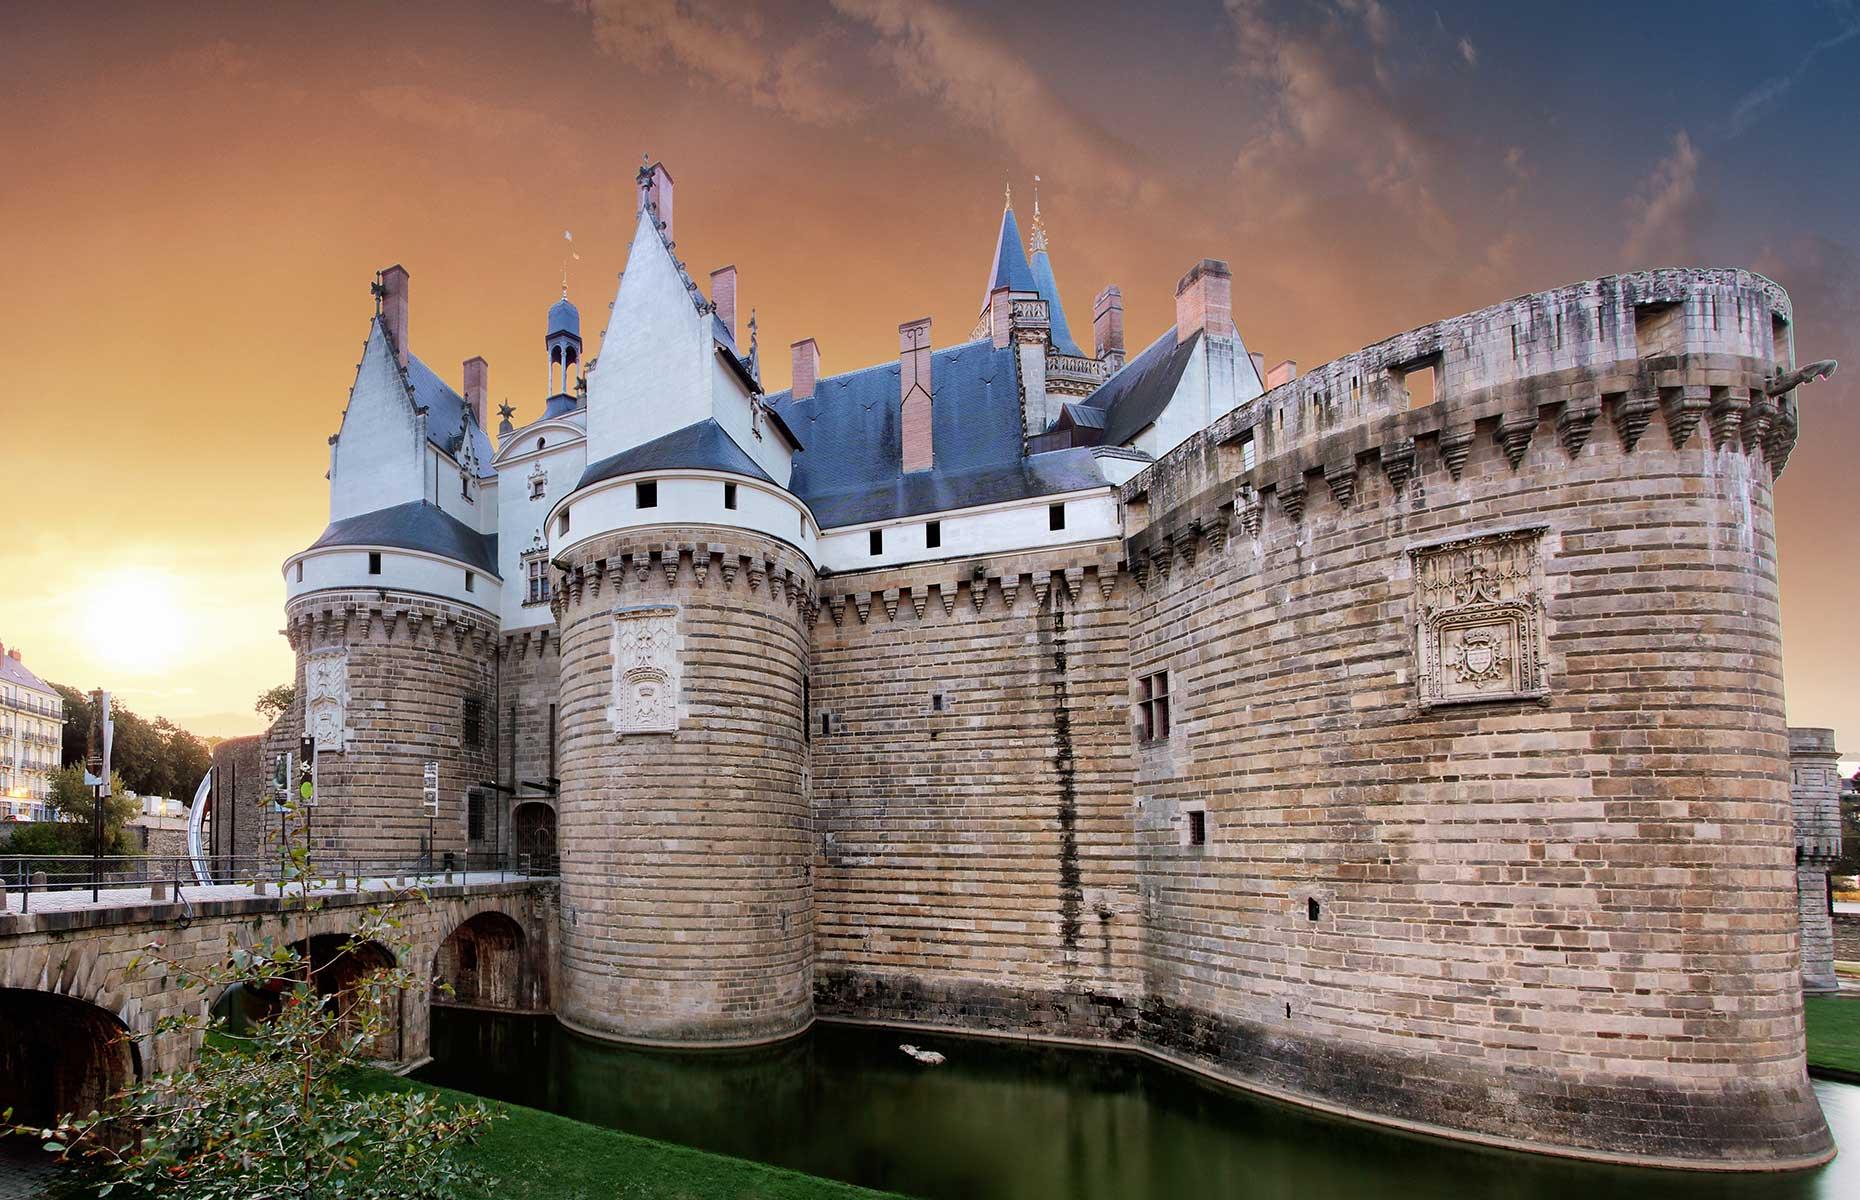 Chateau des Ducs de Bretagne (Image: TTstudio/Shutterstock0